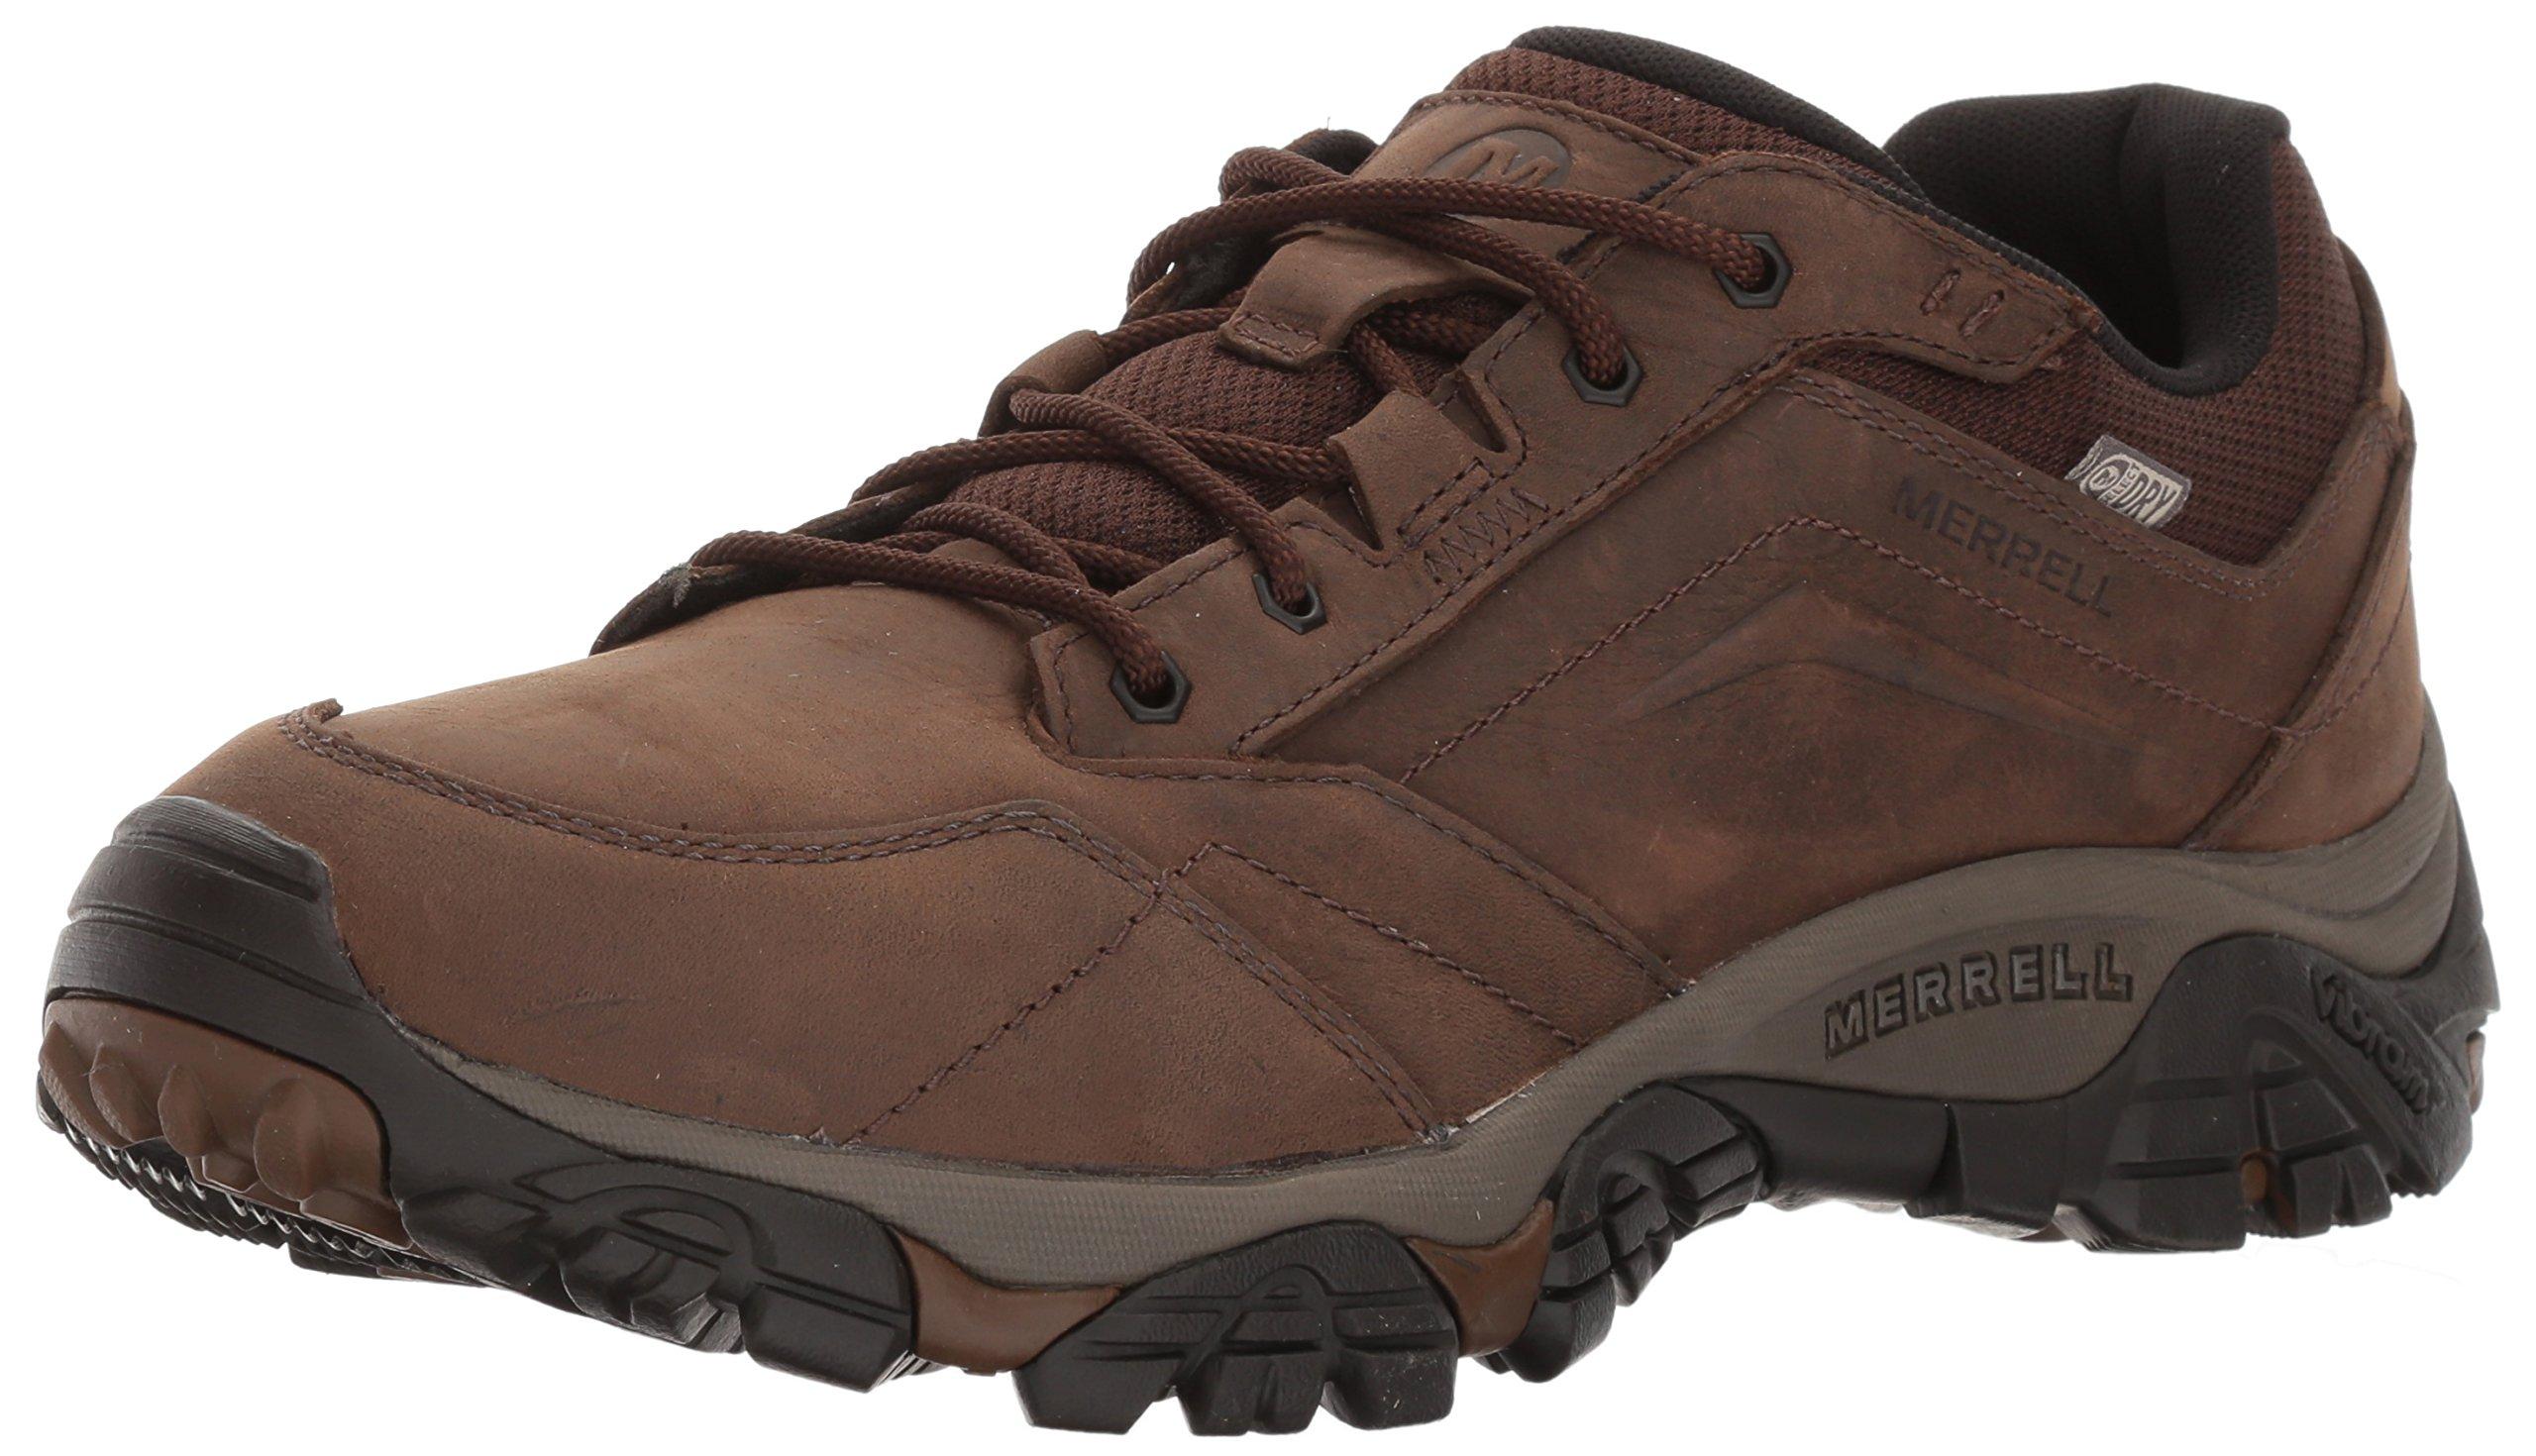 Merrell Men's Moab Adventure Lace Waterproof Hiking Shoe, Dark Earth, 11 W US